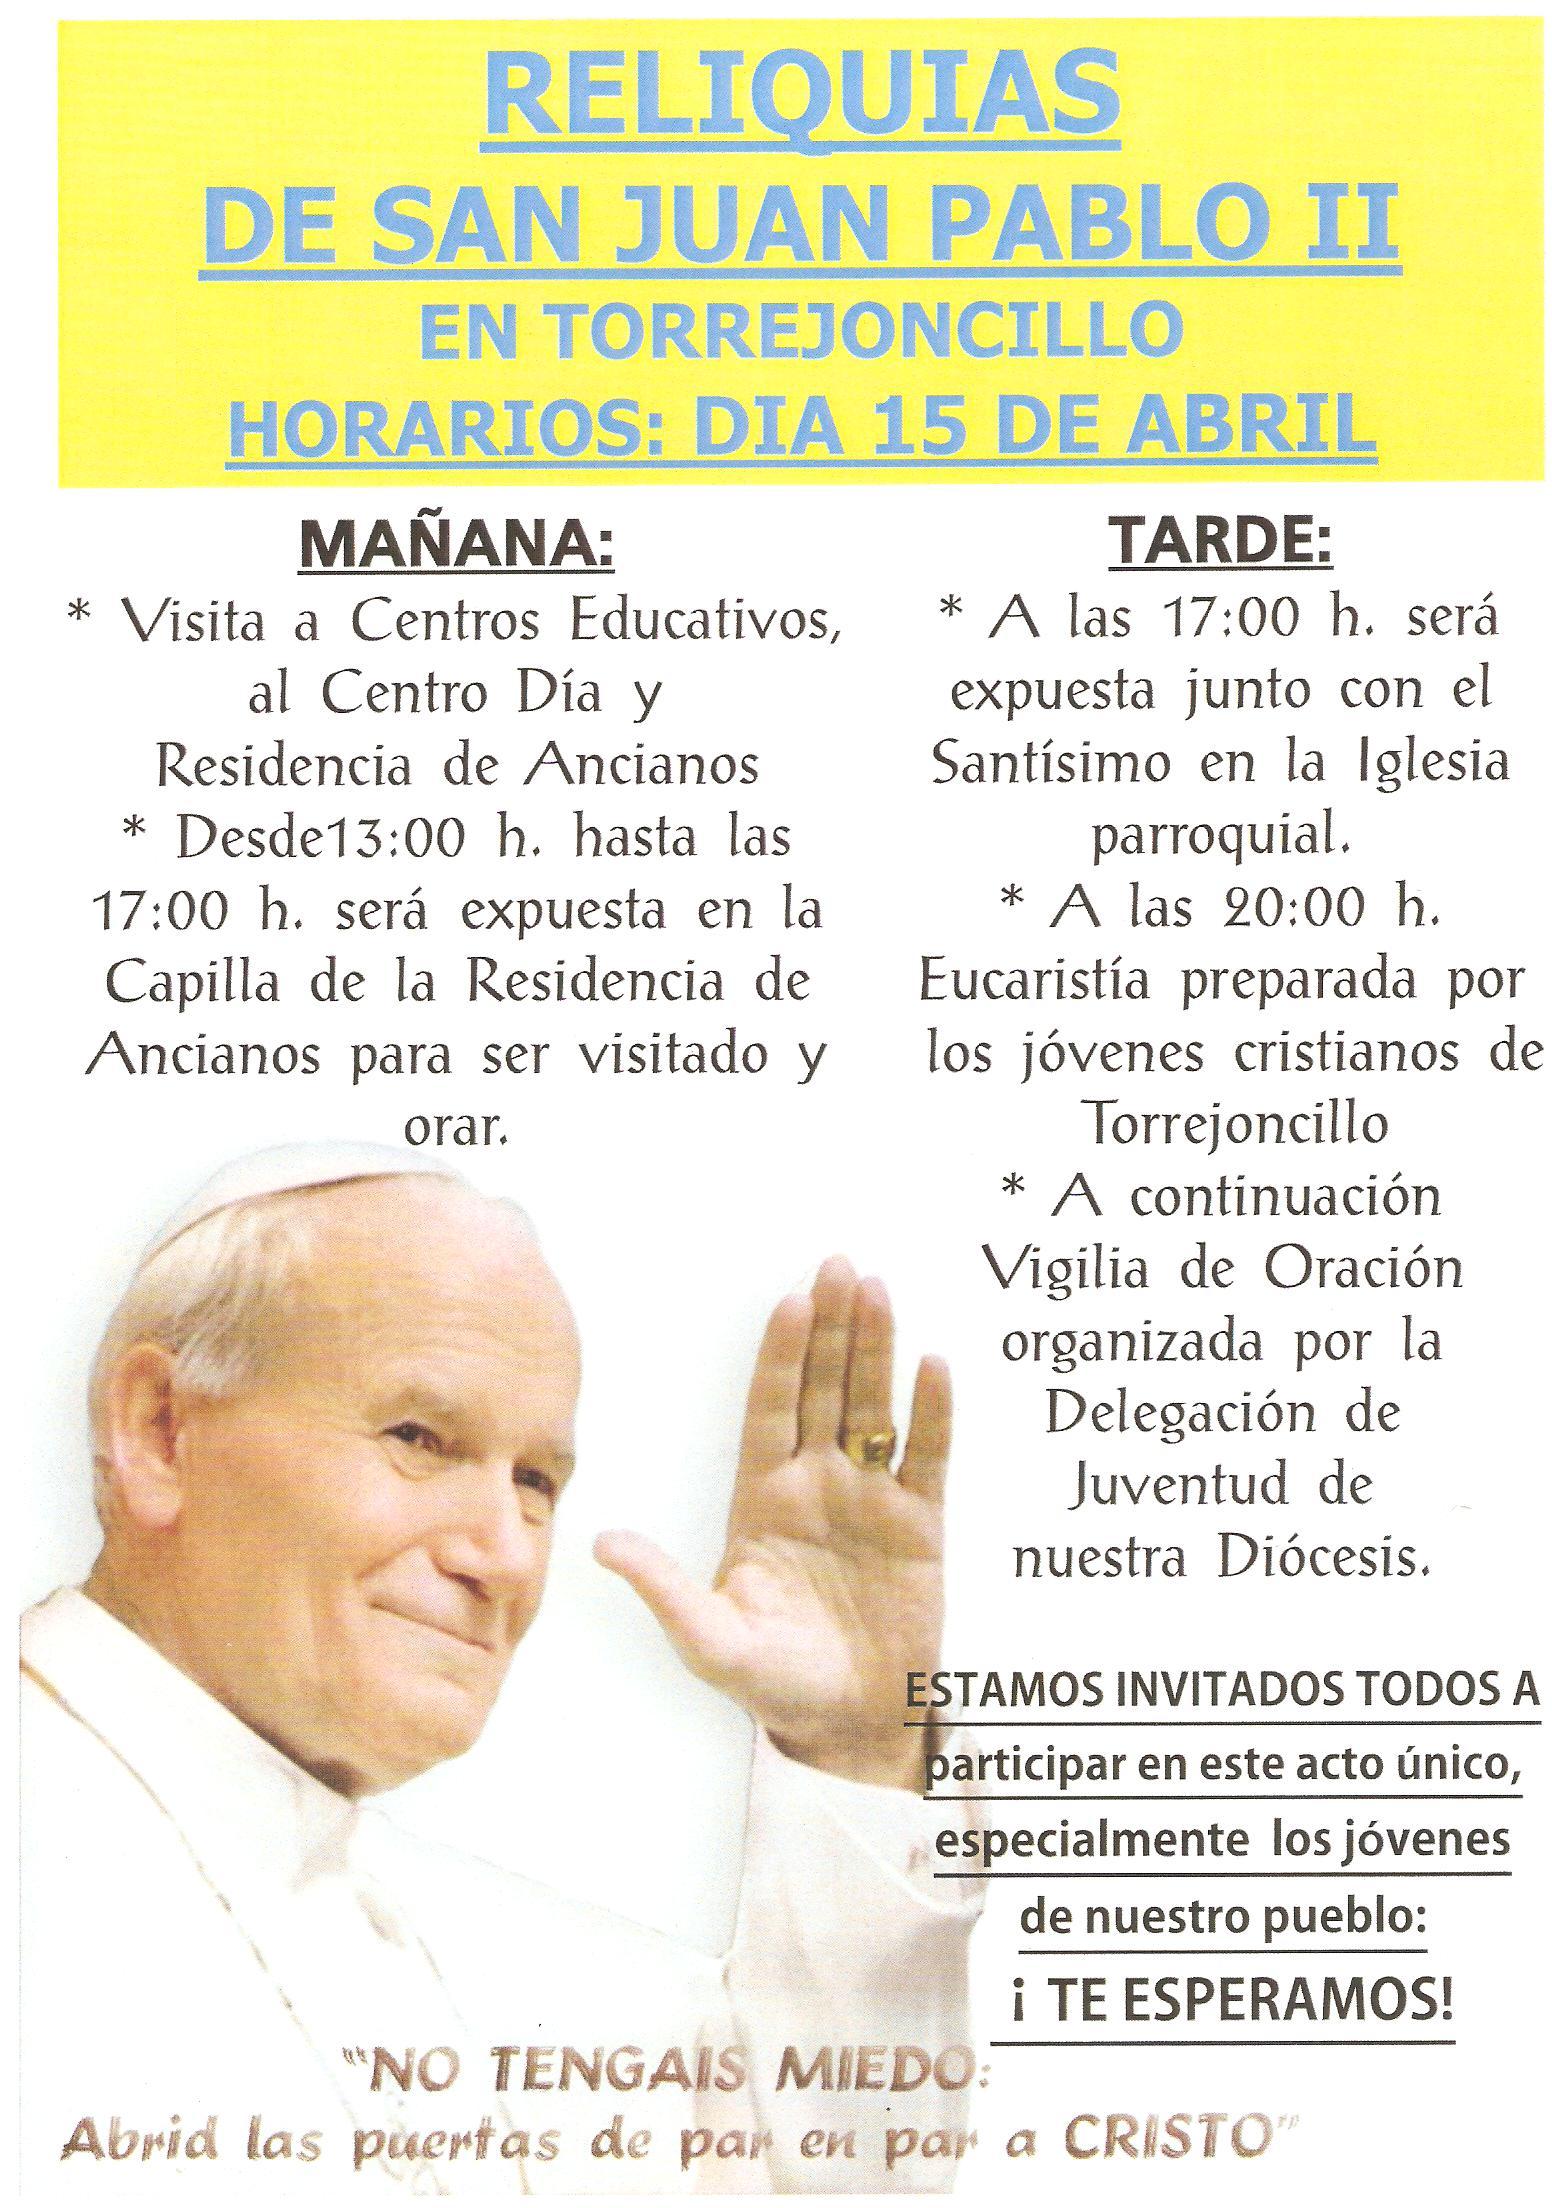 Las Reliquias de San Juan Pablo II, en Torrejoncillo